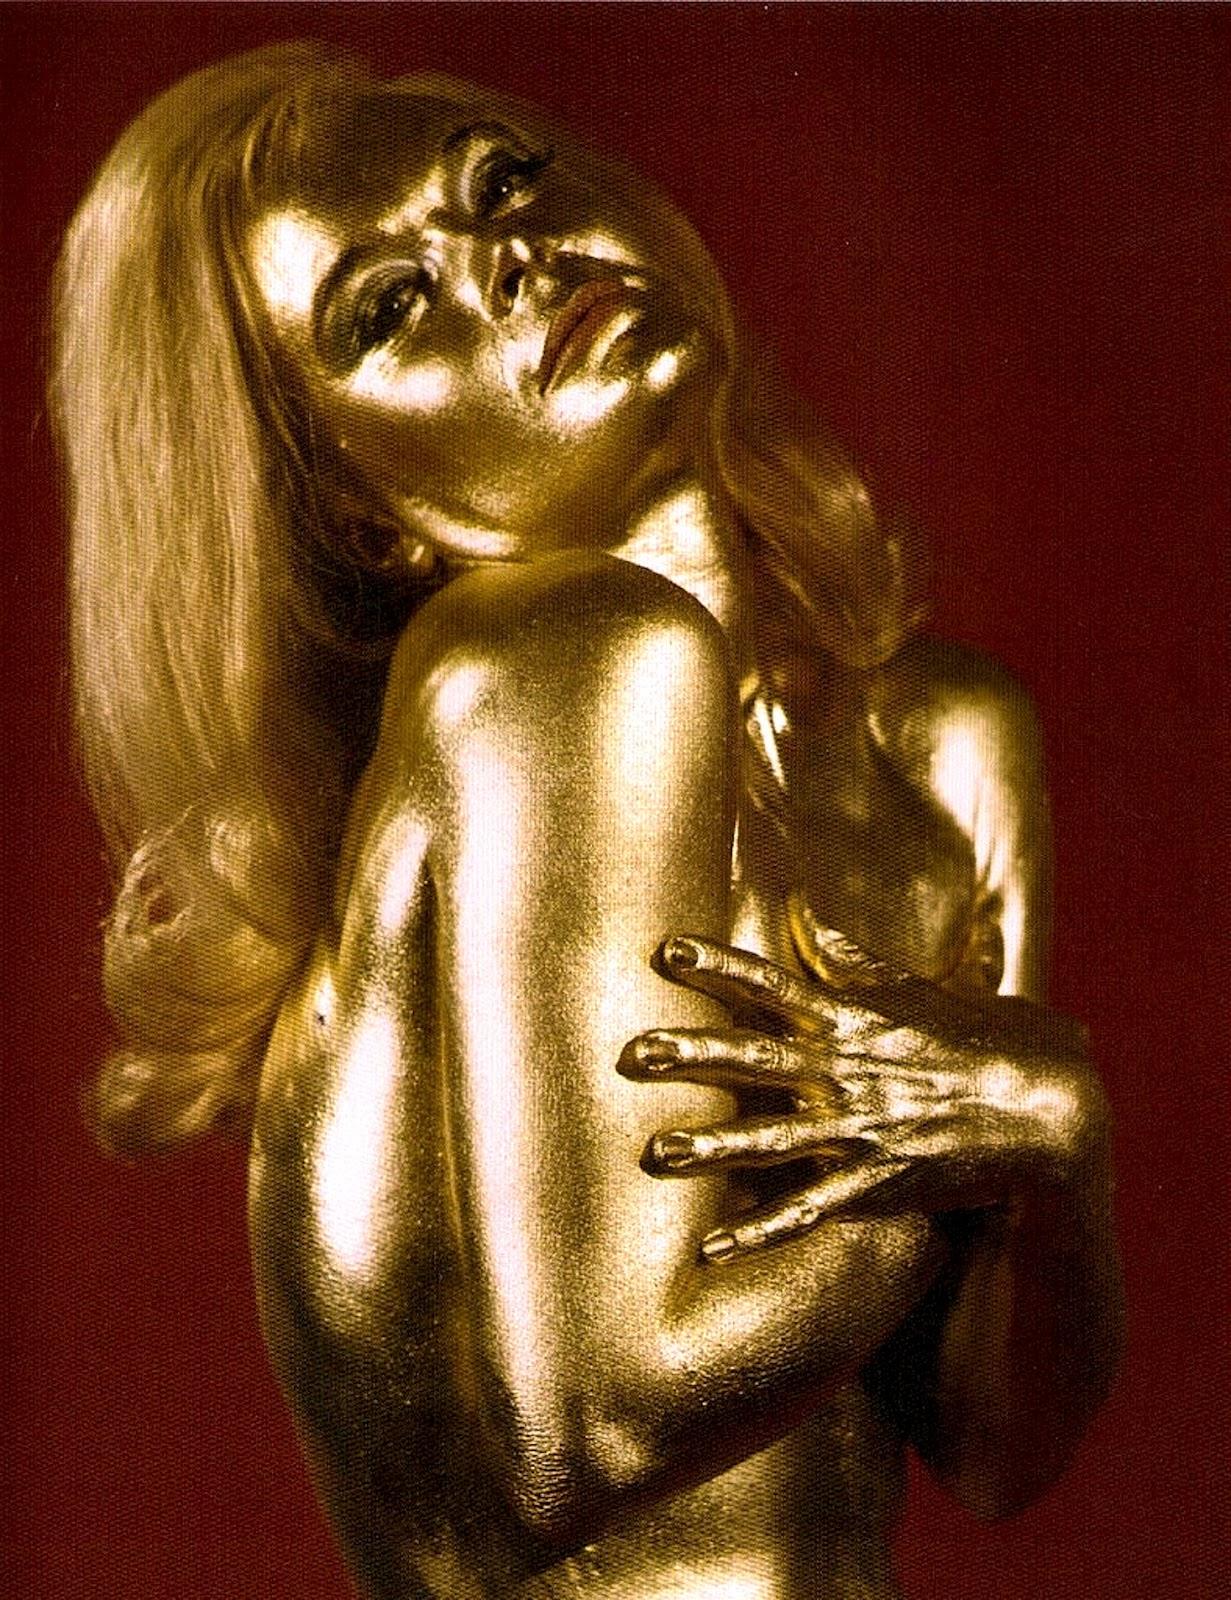 Бодиарт девушка полностью в золотой краске